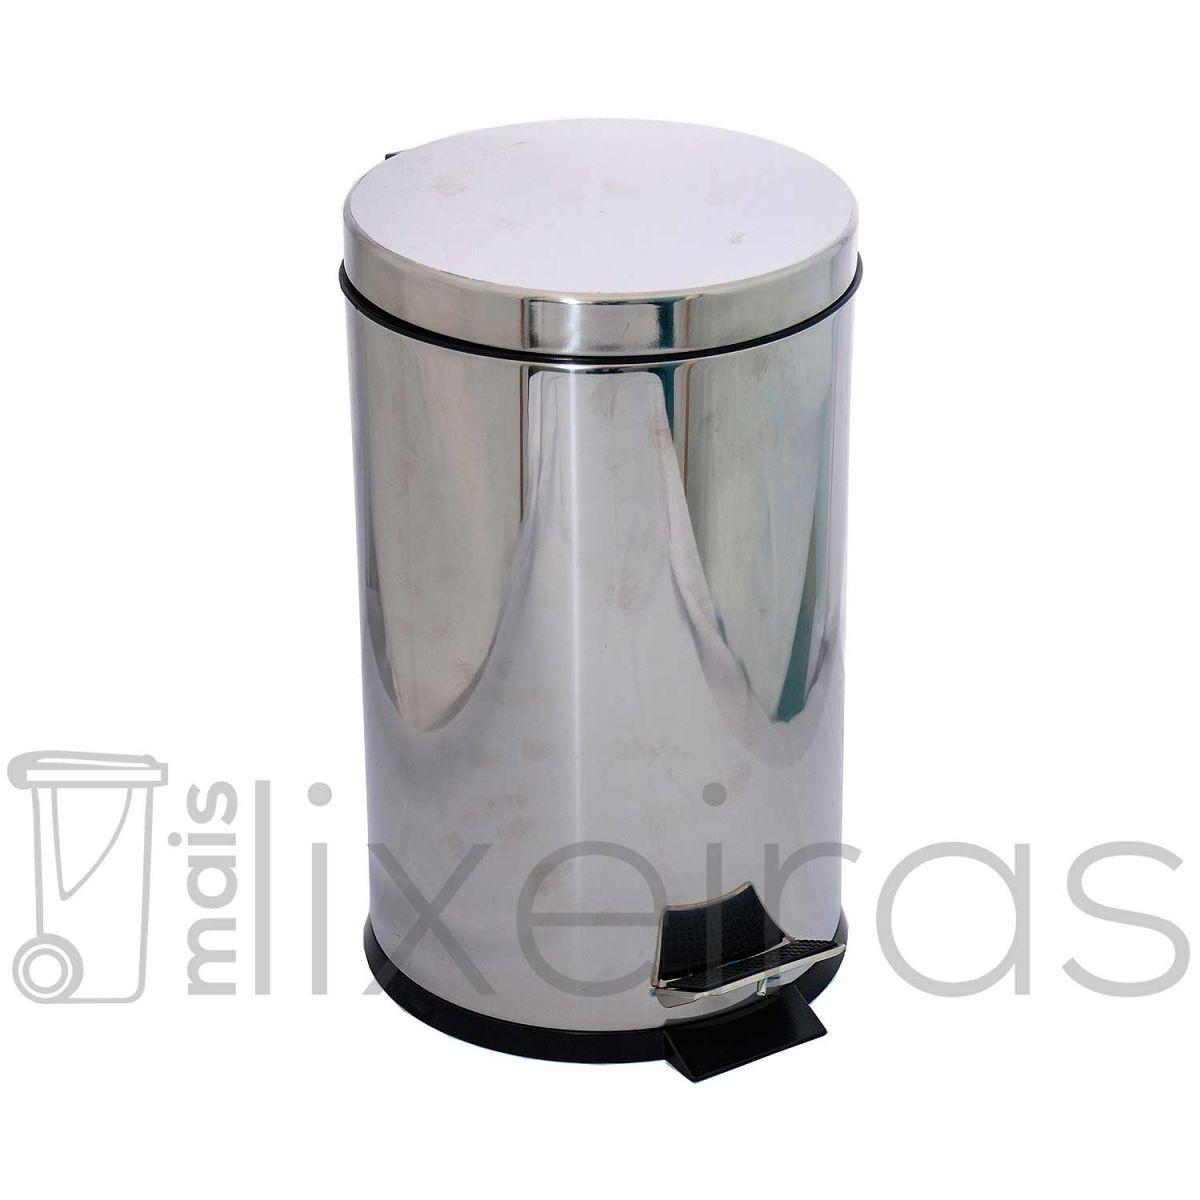 Lixeira inox com tampa e pedal 12 litros